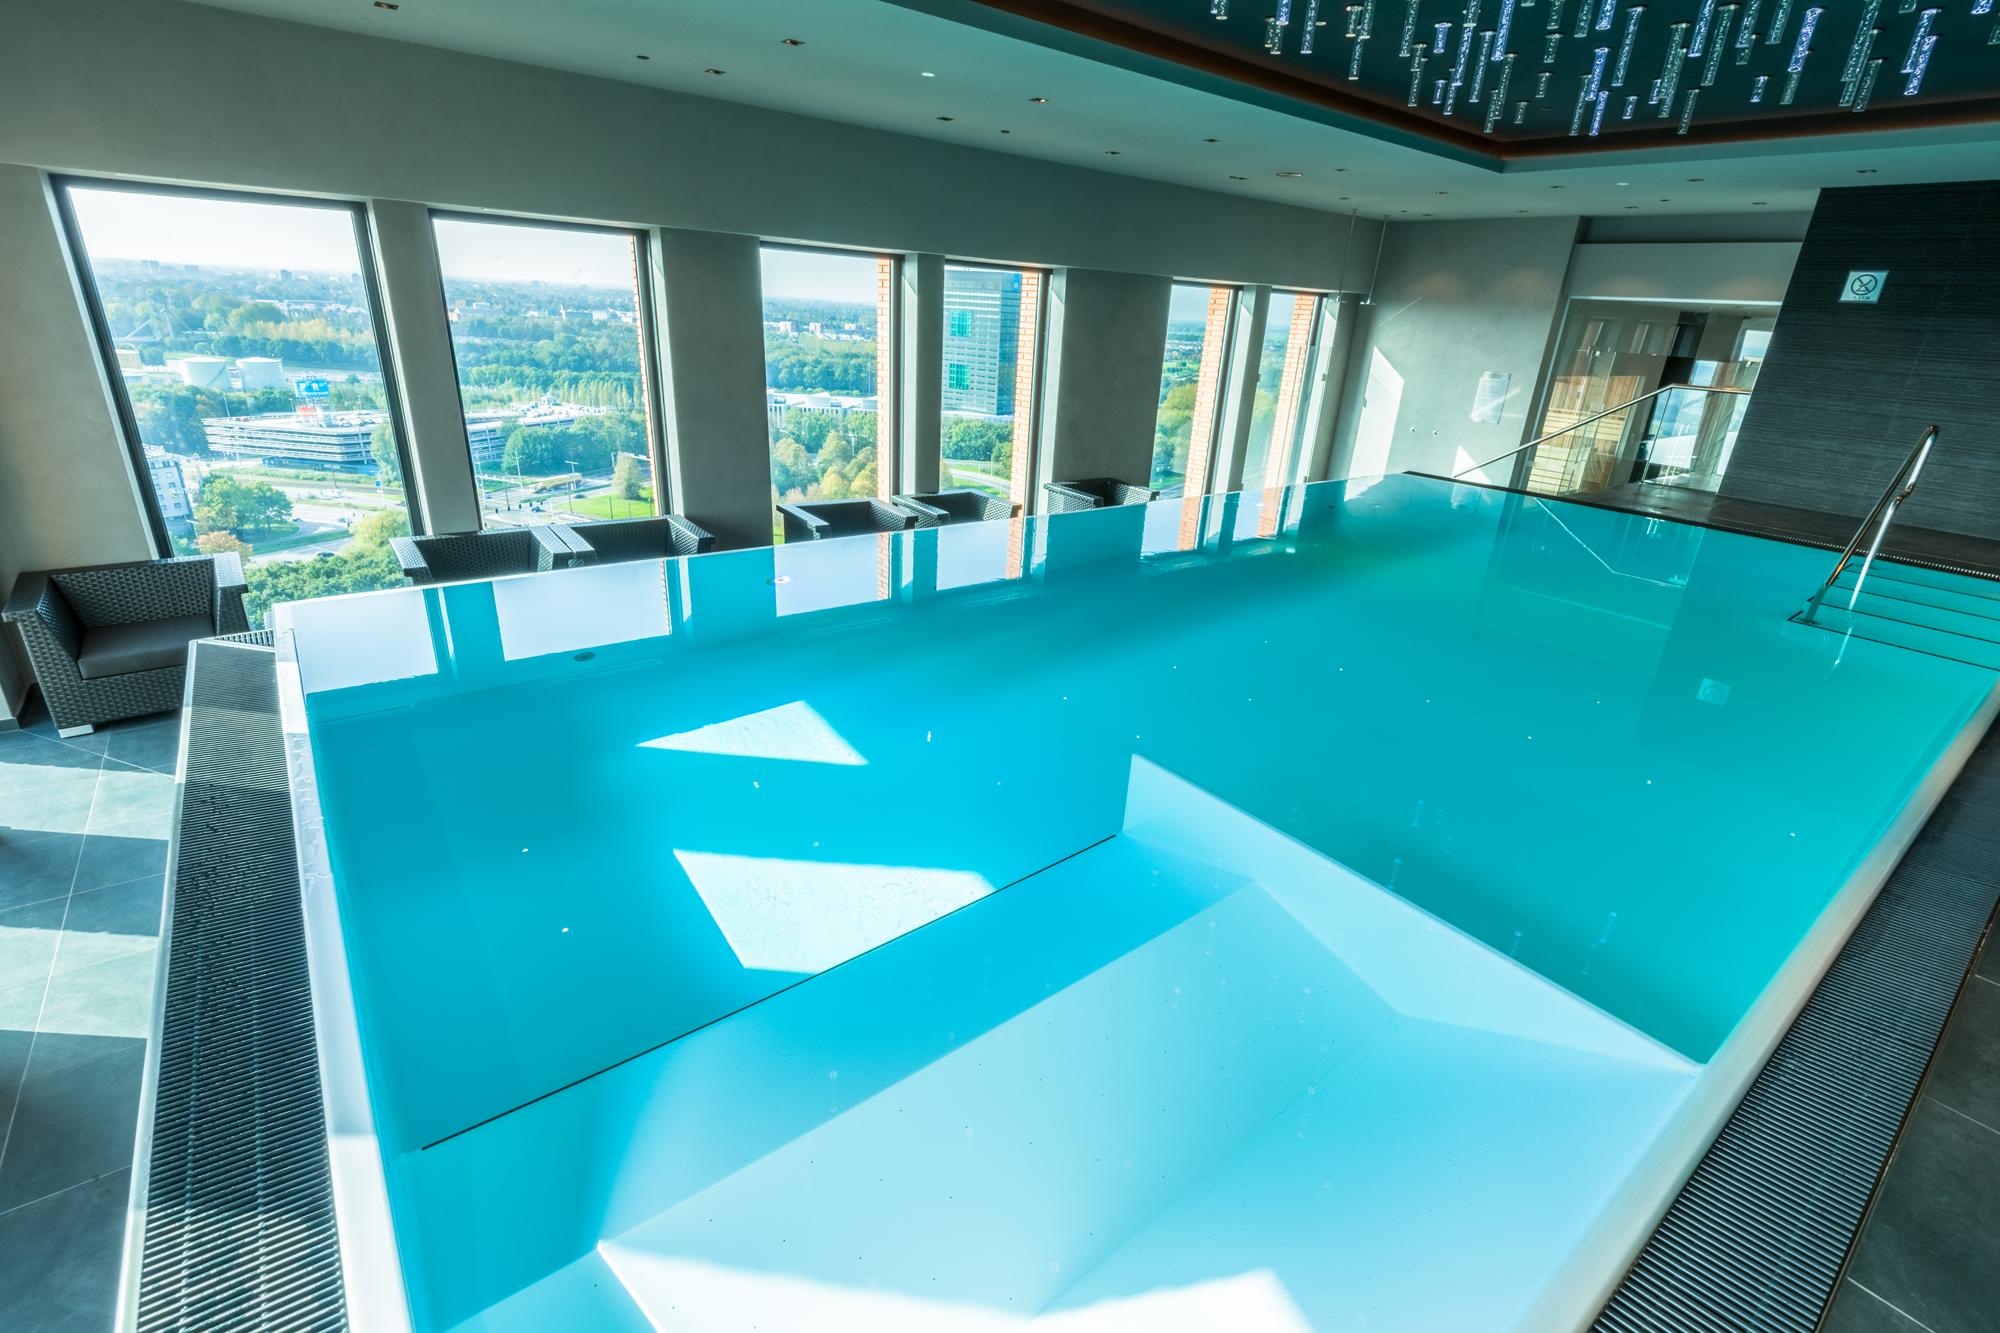 Ininity Pool im Hotel Utrecht, das Schwimmbecken mit Aussicht